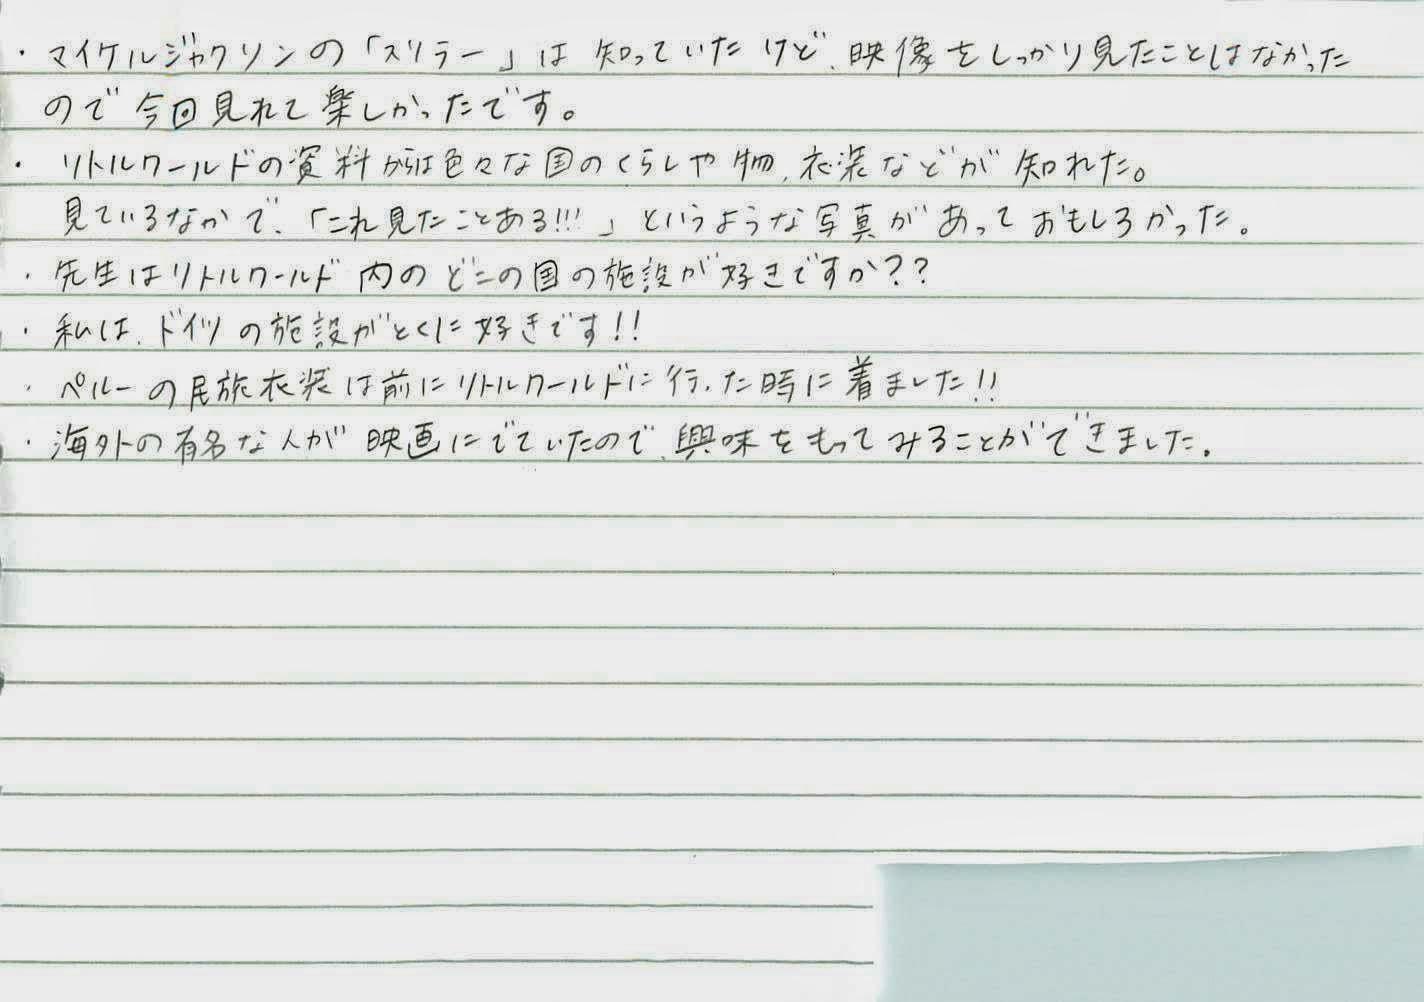 内藤理恵子 のブログ